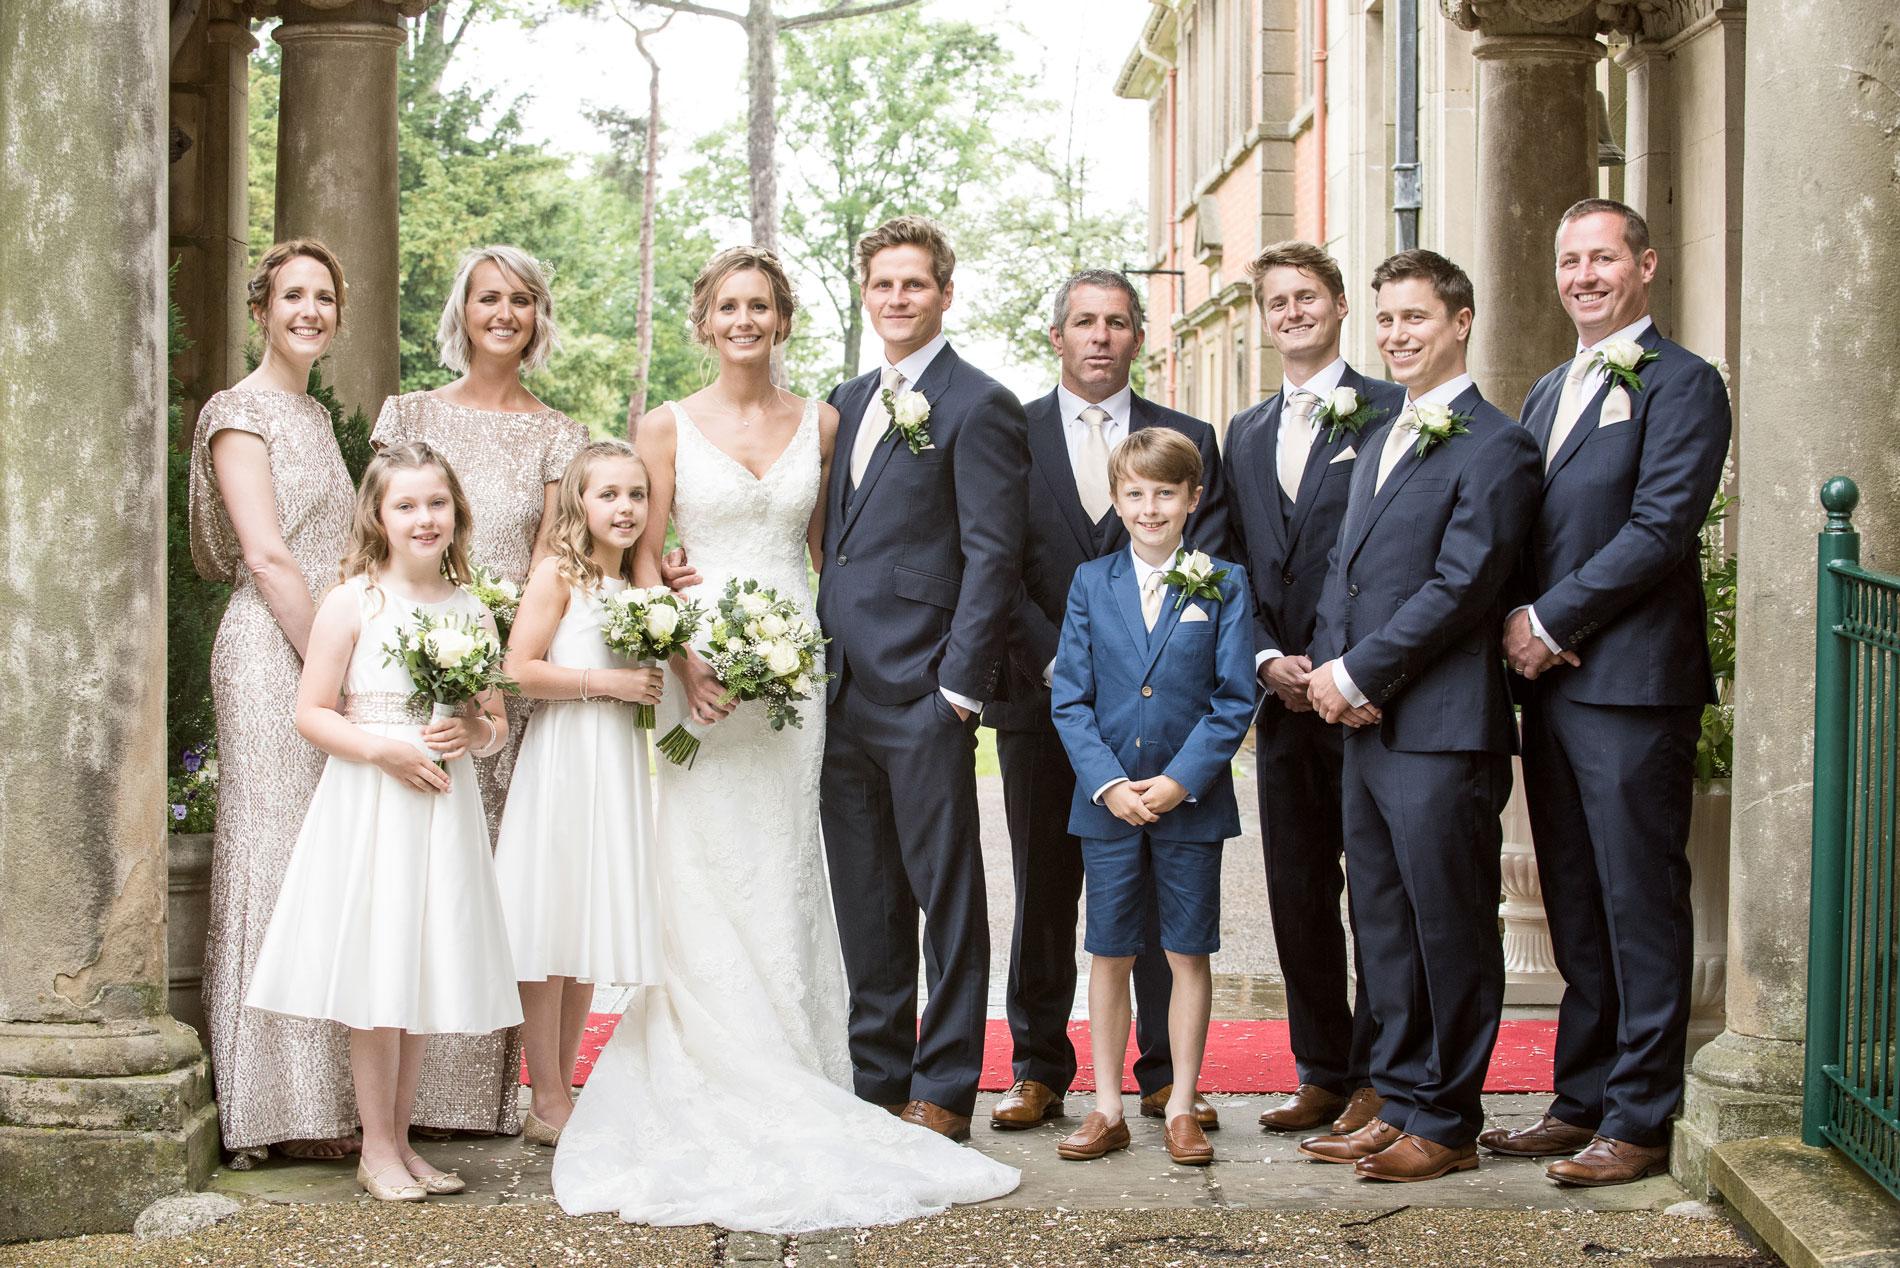 Kilworth-weddings-_52.jpg